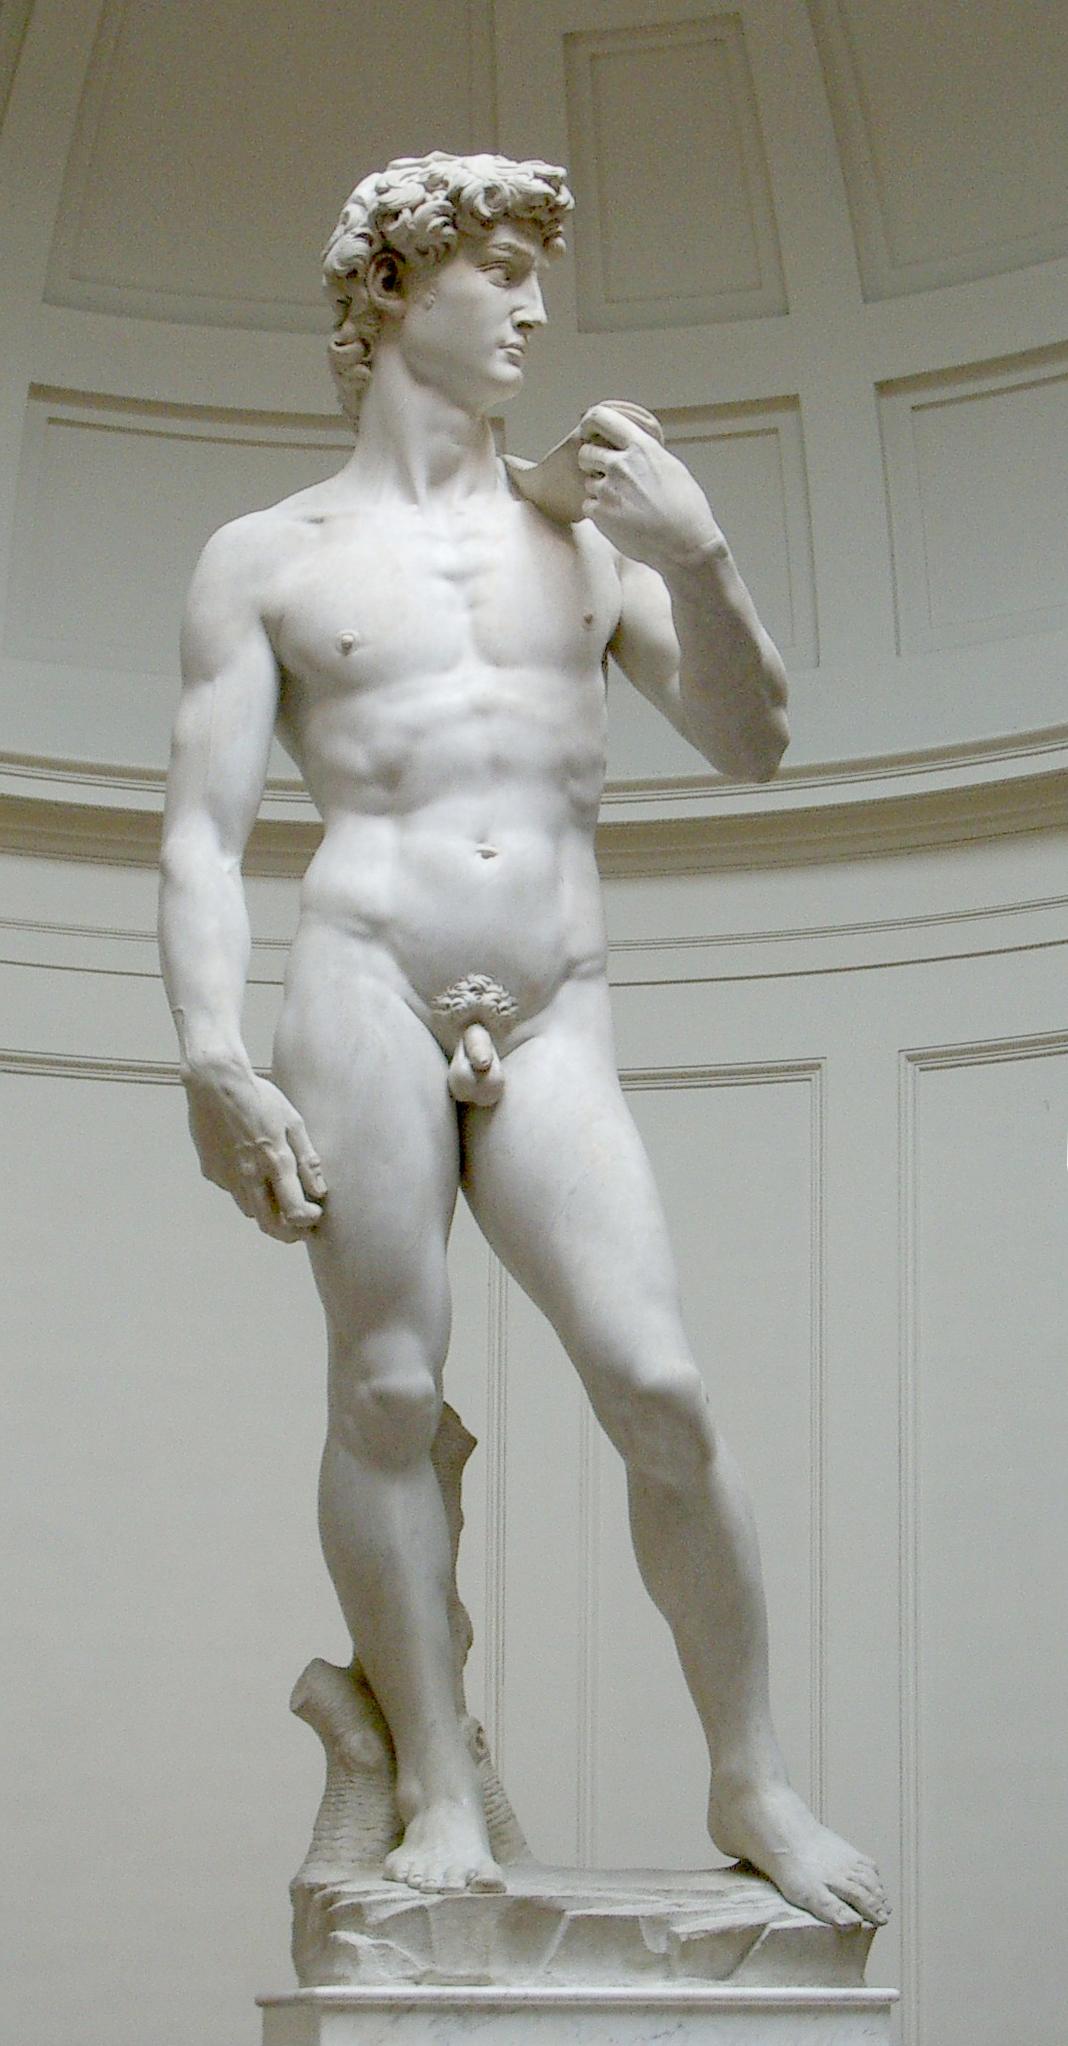 férfiaknál pénisz és herezacskó